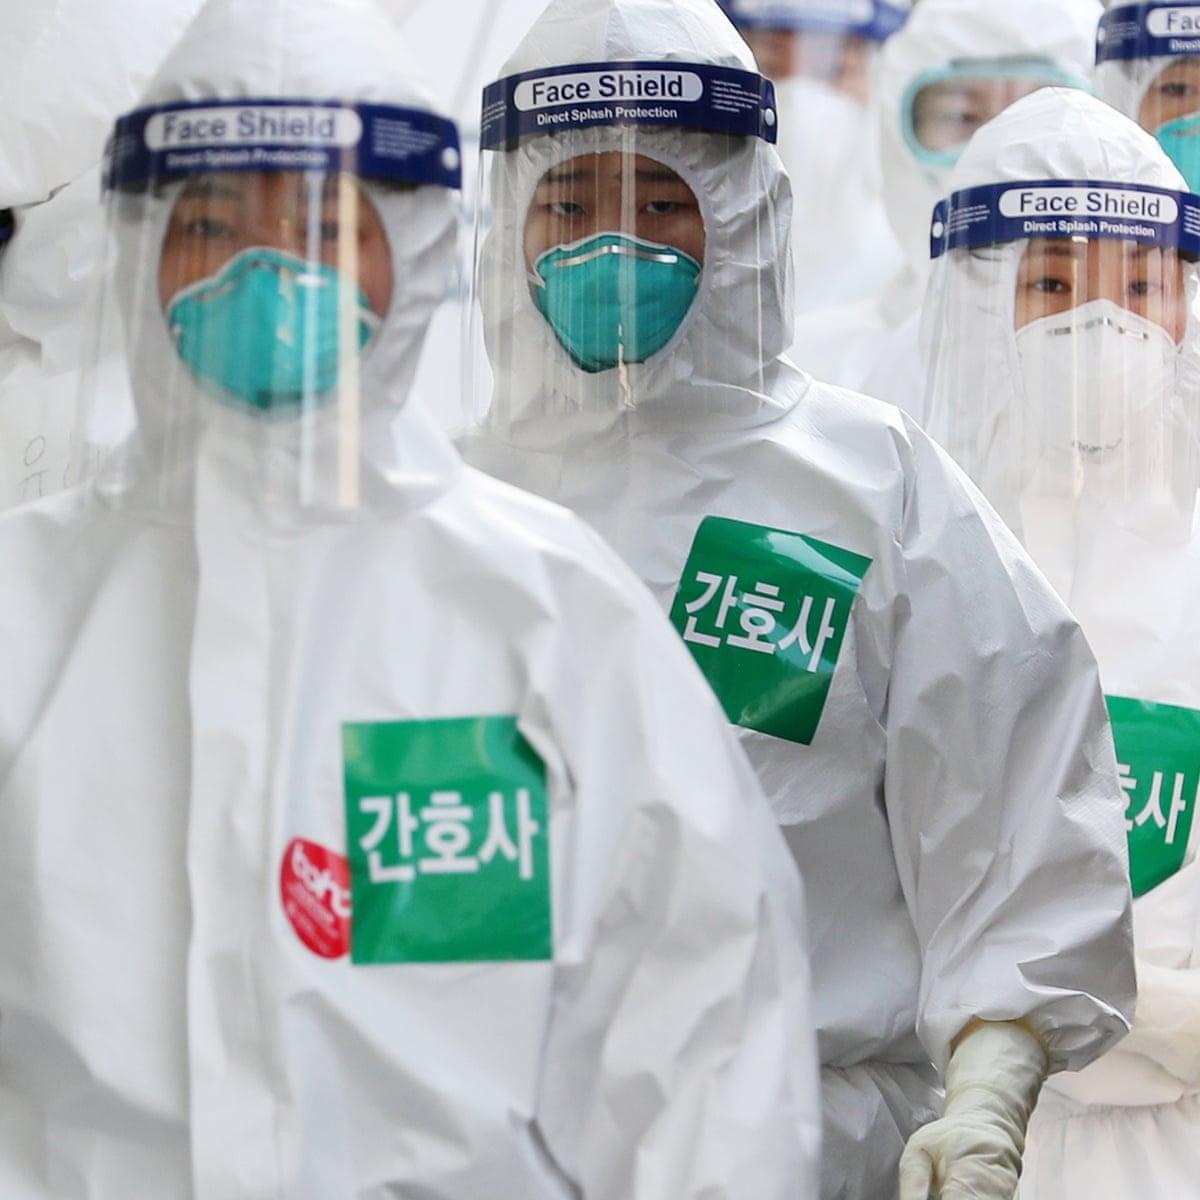 helmint vírusfertőzés